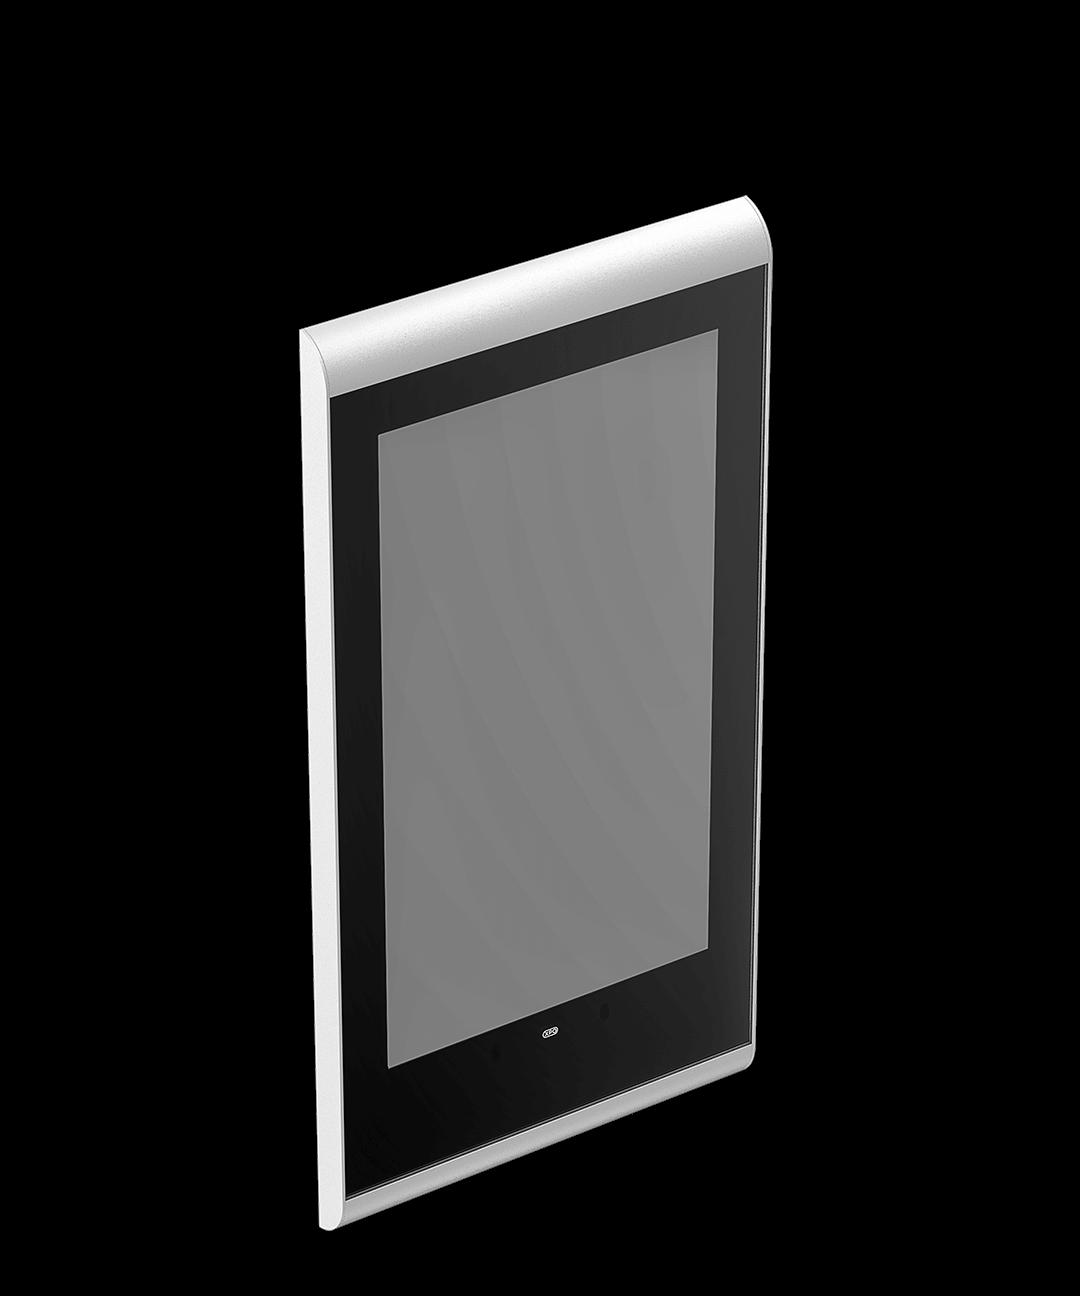 XPO Screens Invite 24PT Small - Powdercoat White Material